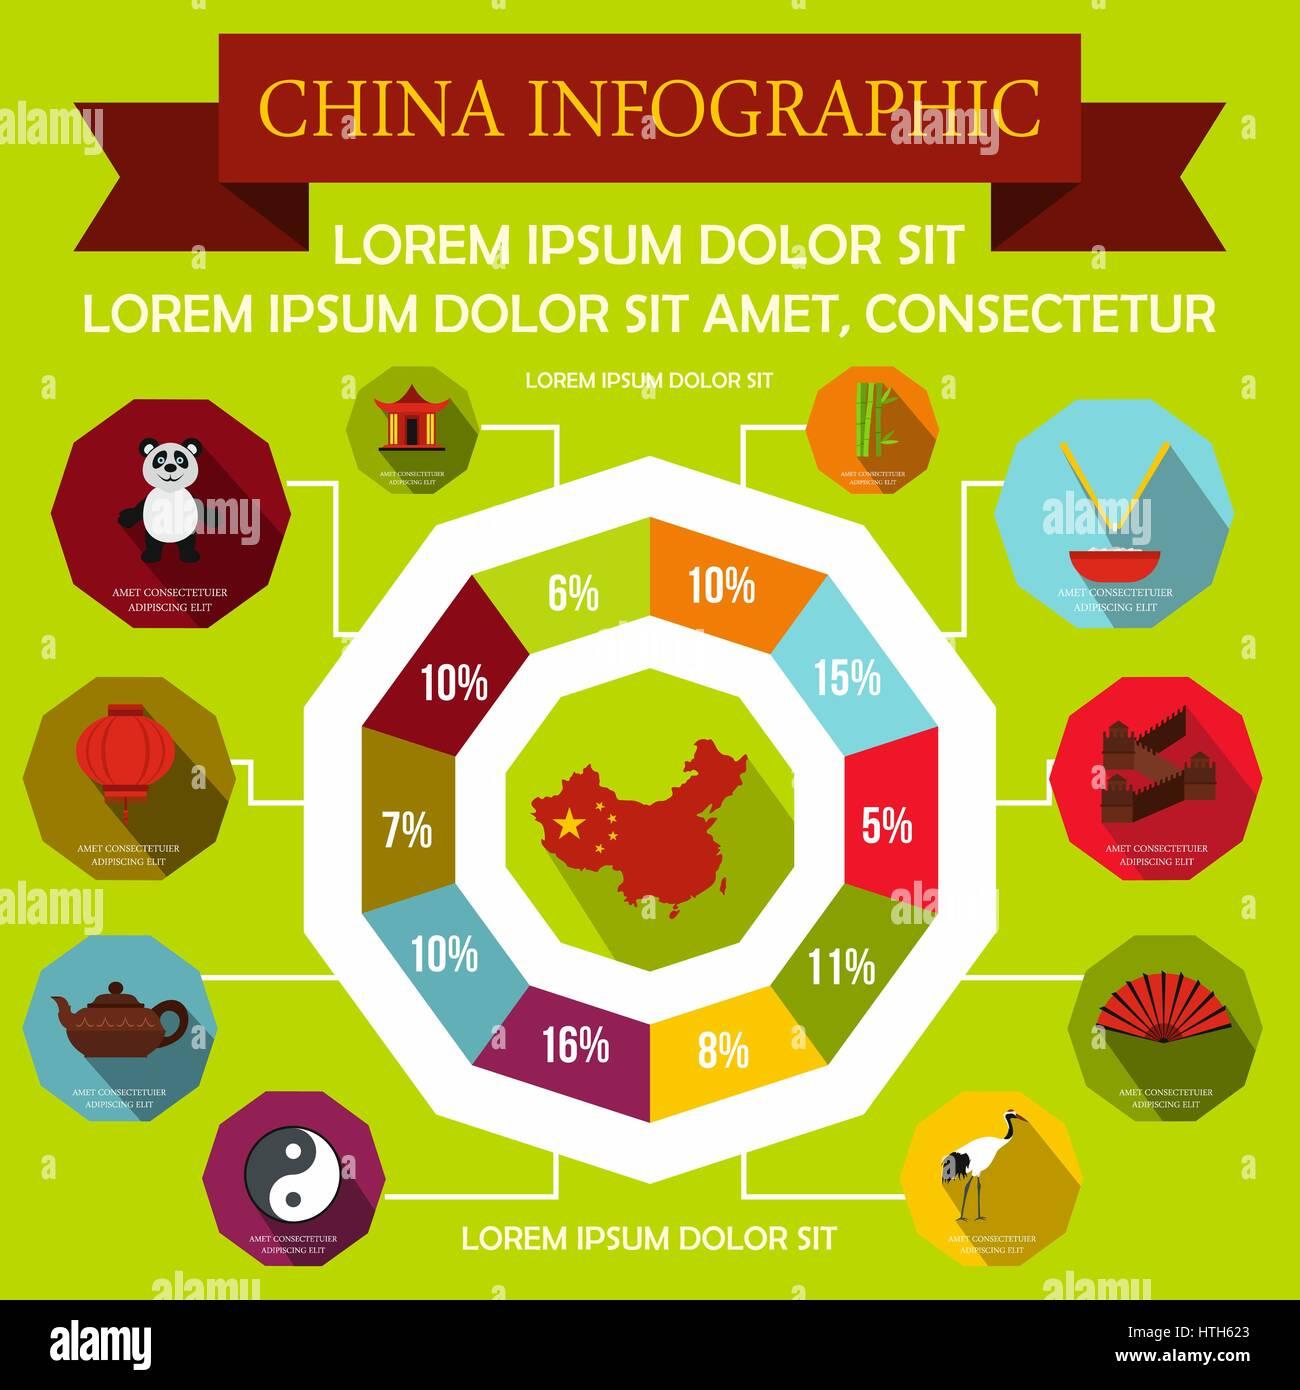 China infographic elements, flat style  - Stock Image